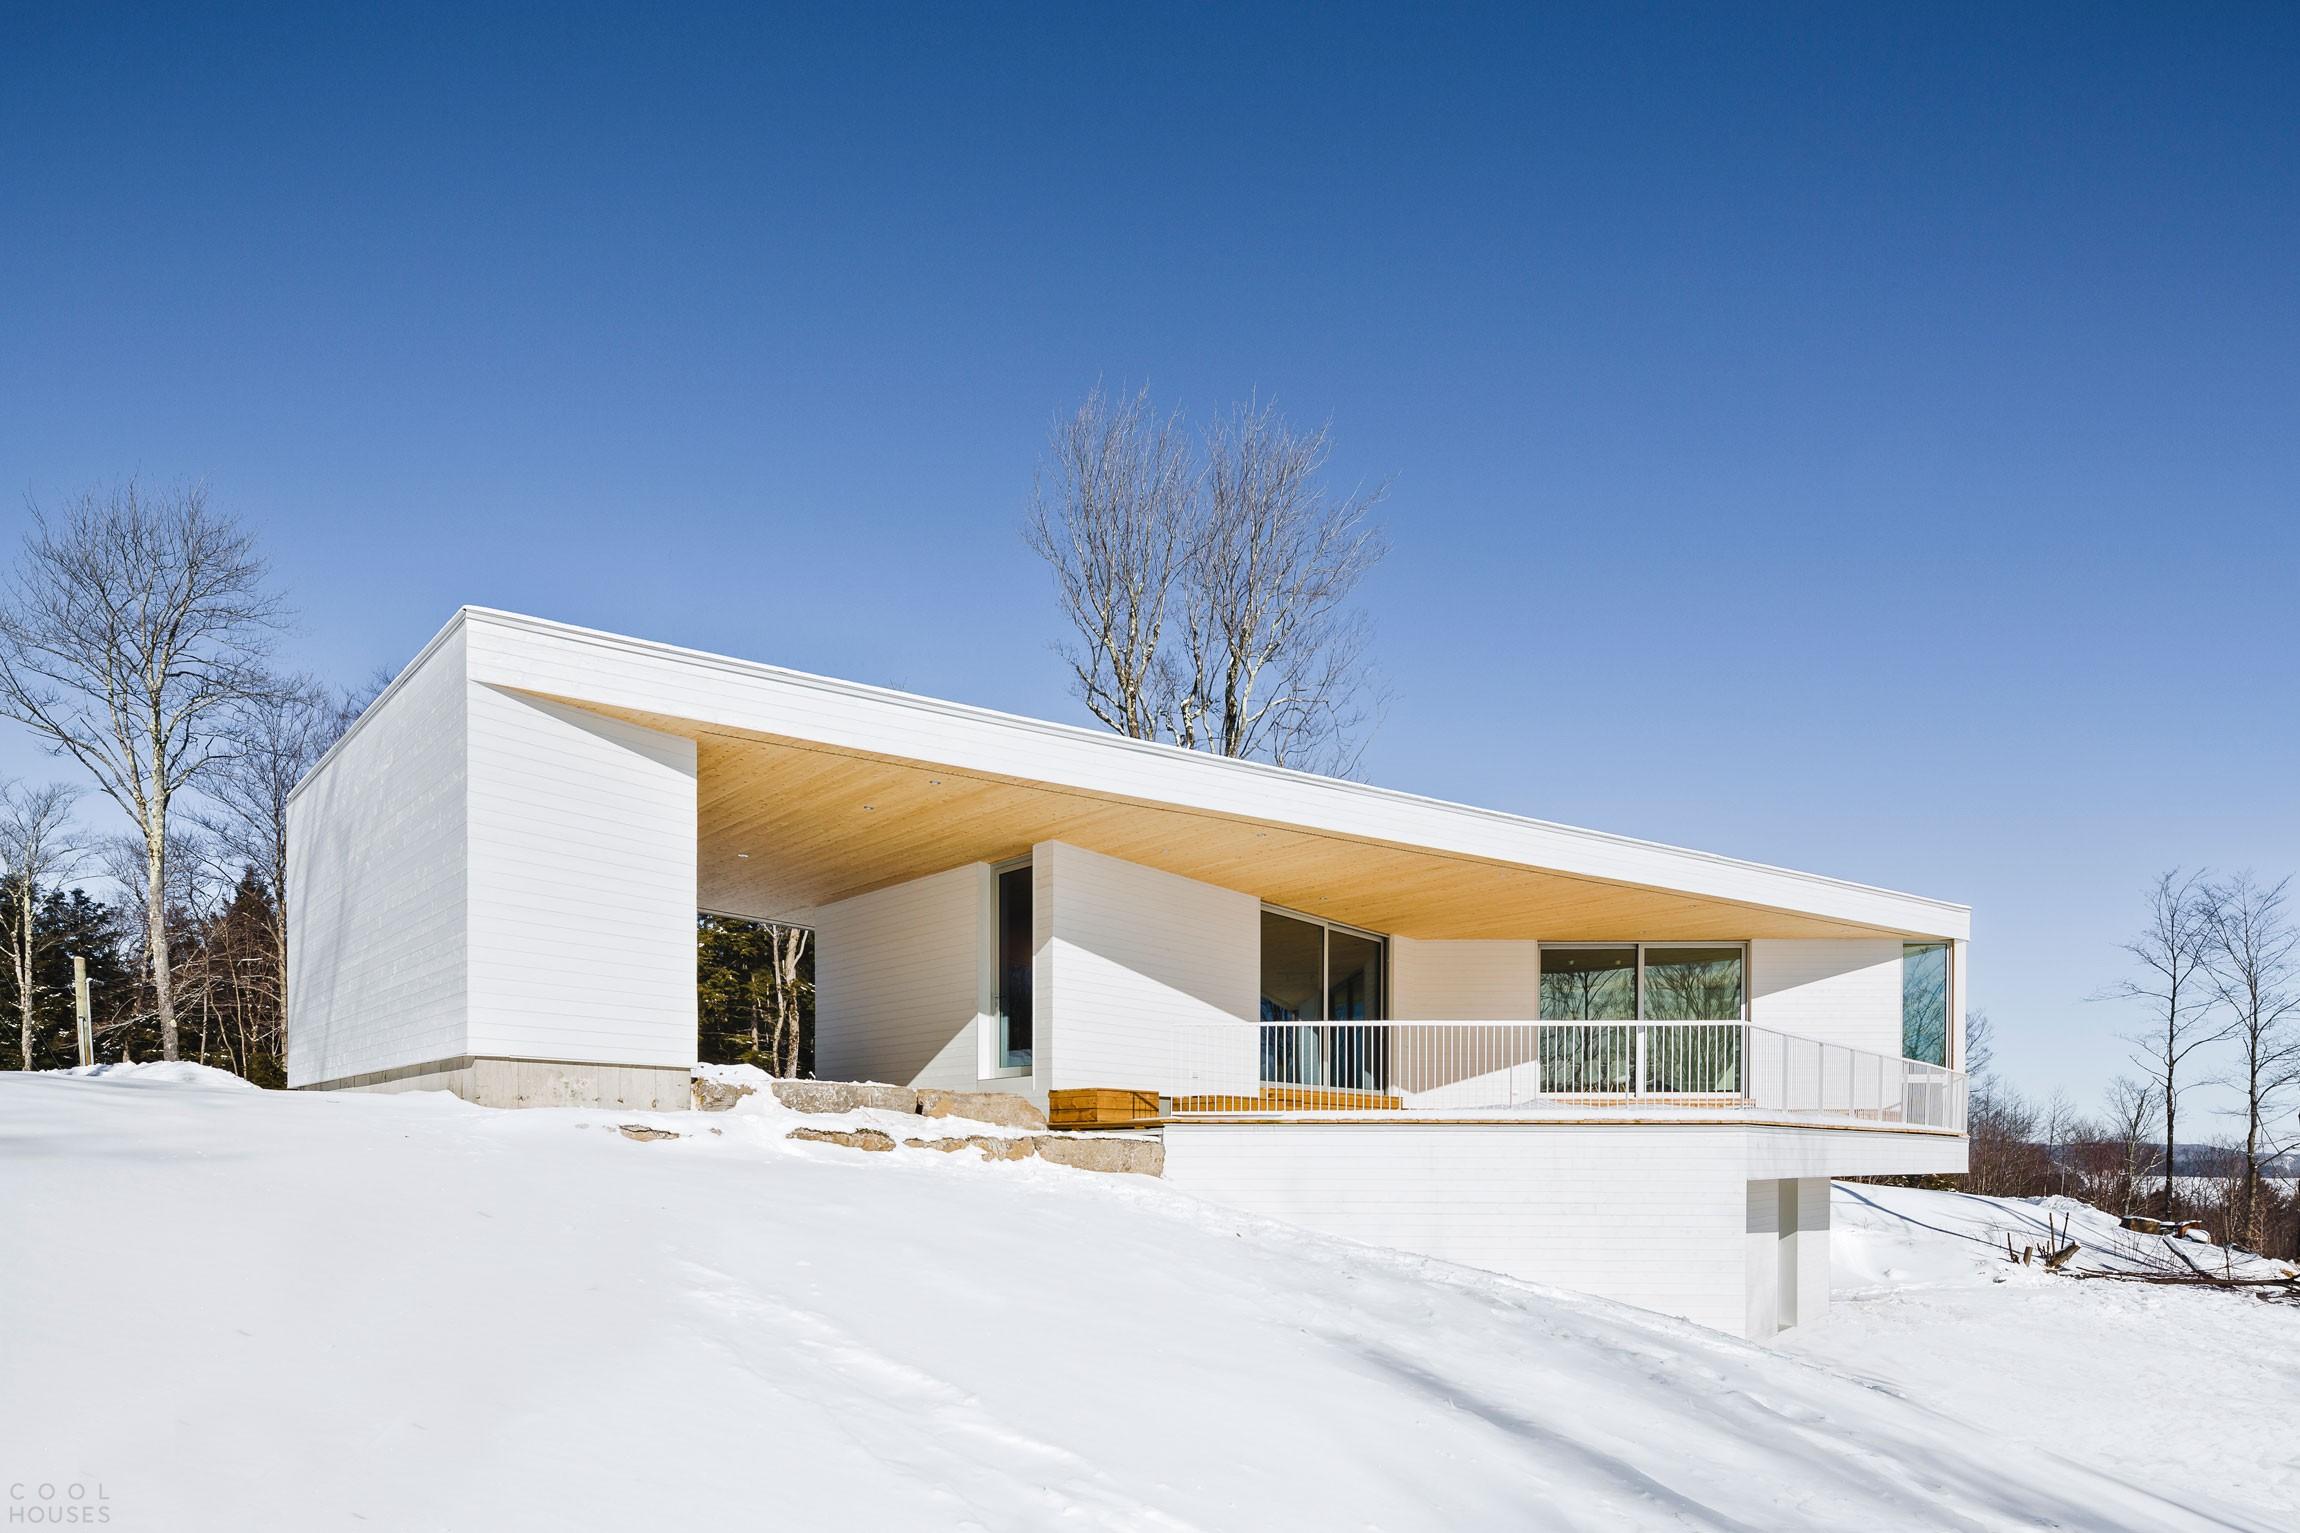 Загородный дом в стиле минимализма в Канаде